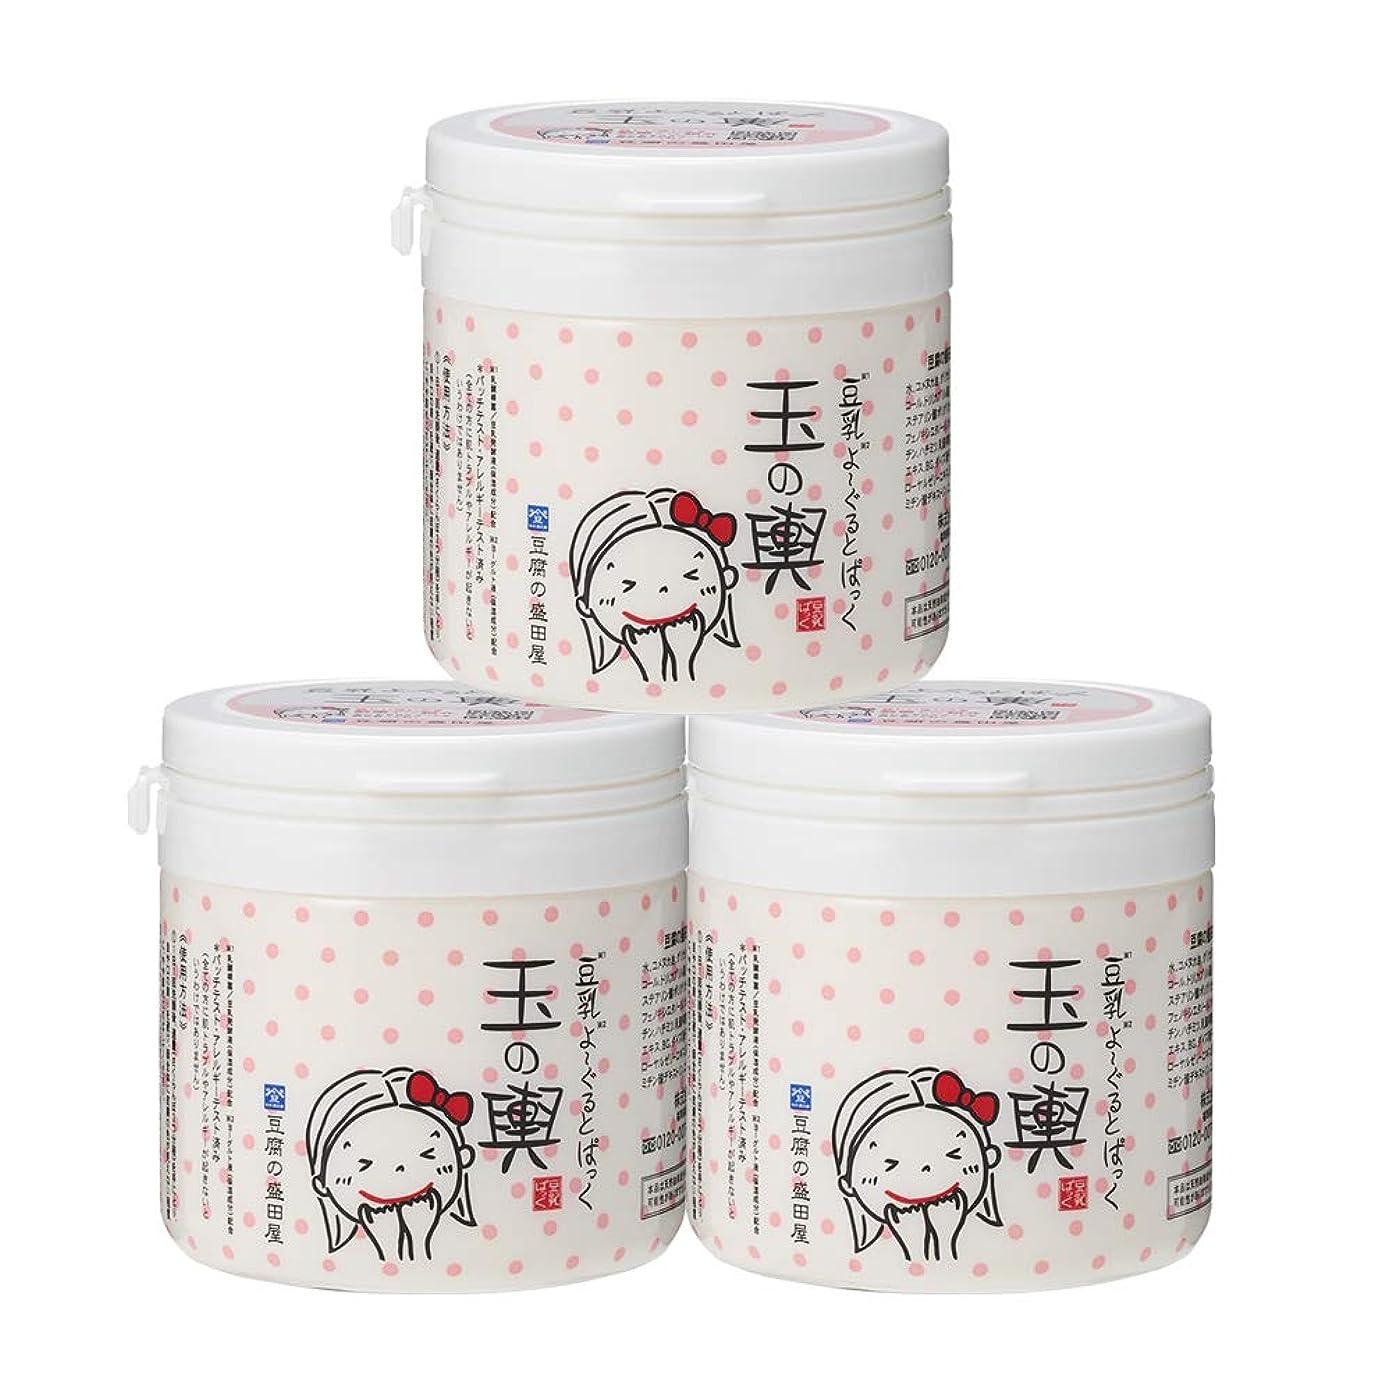 余分な不適切なこっそり豆腐の盛田屋 豆乳よーぐるとぱっく 玉の輿 150g×3個セット